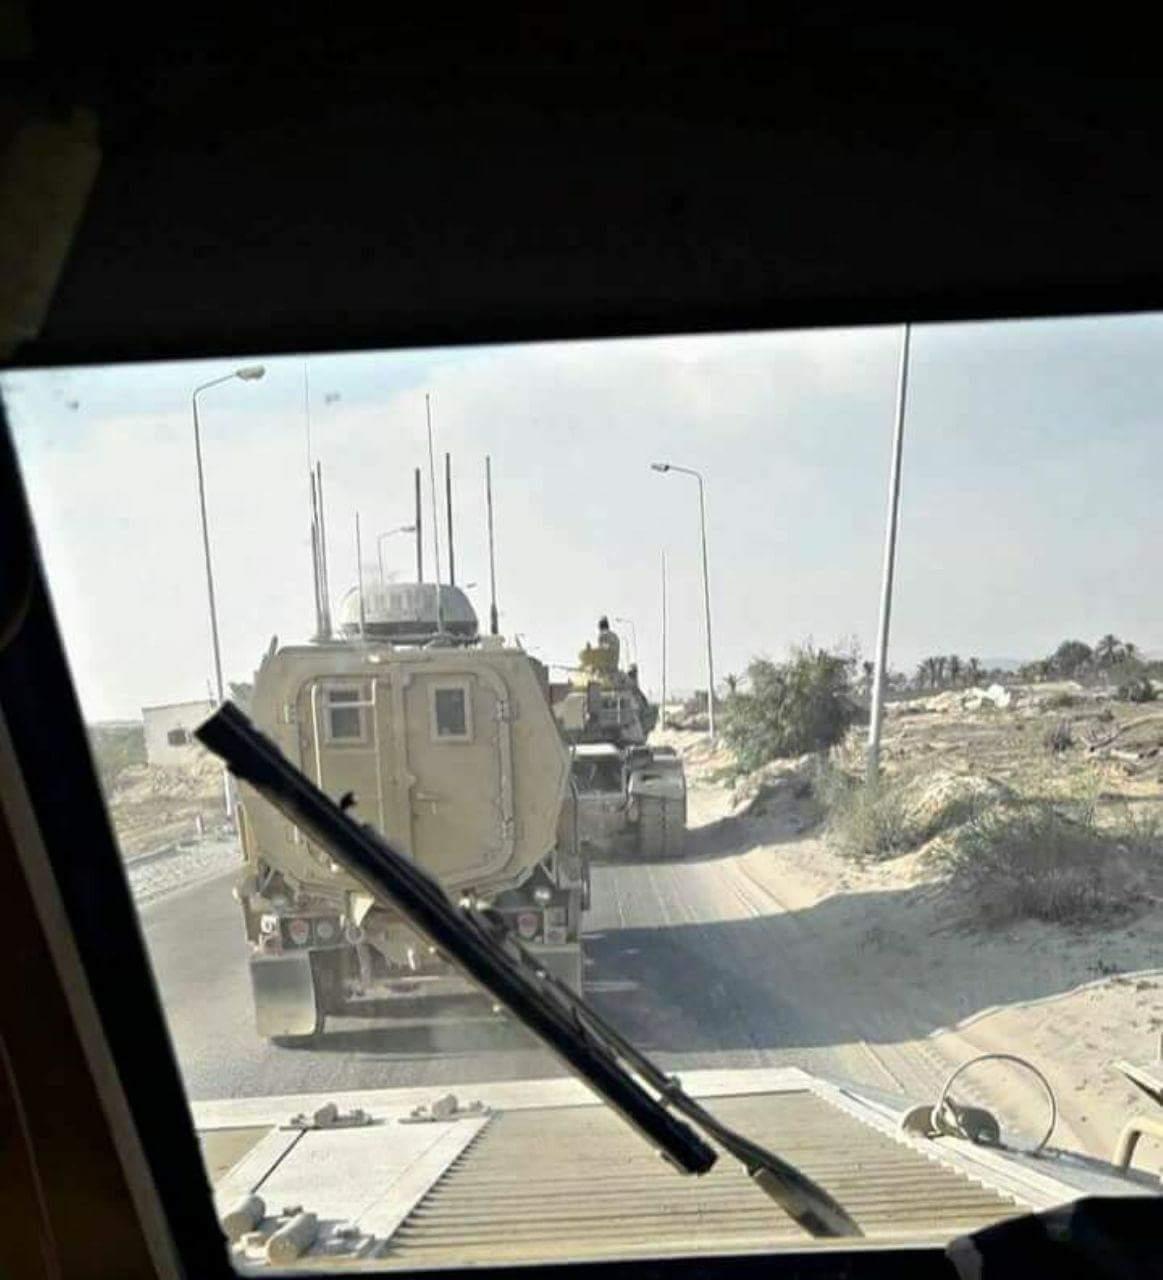 القبائل العربية: نتعاون مع القوات المسلحة في عملية سيناء 2018